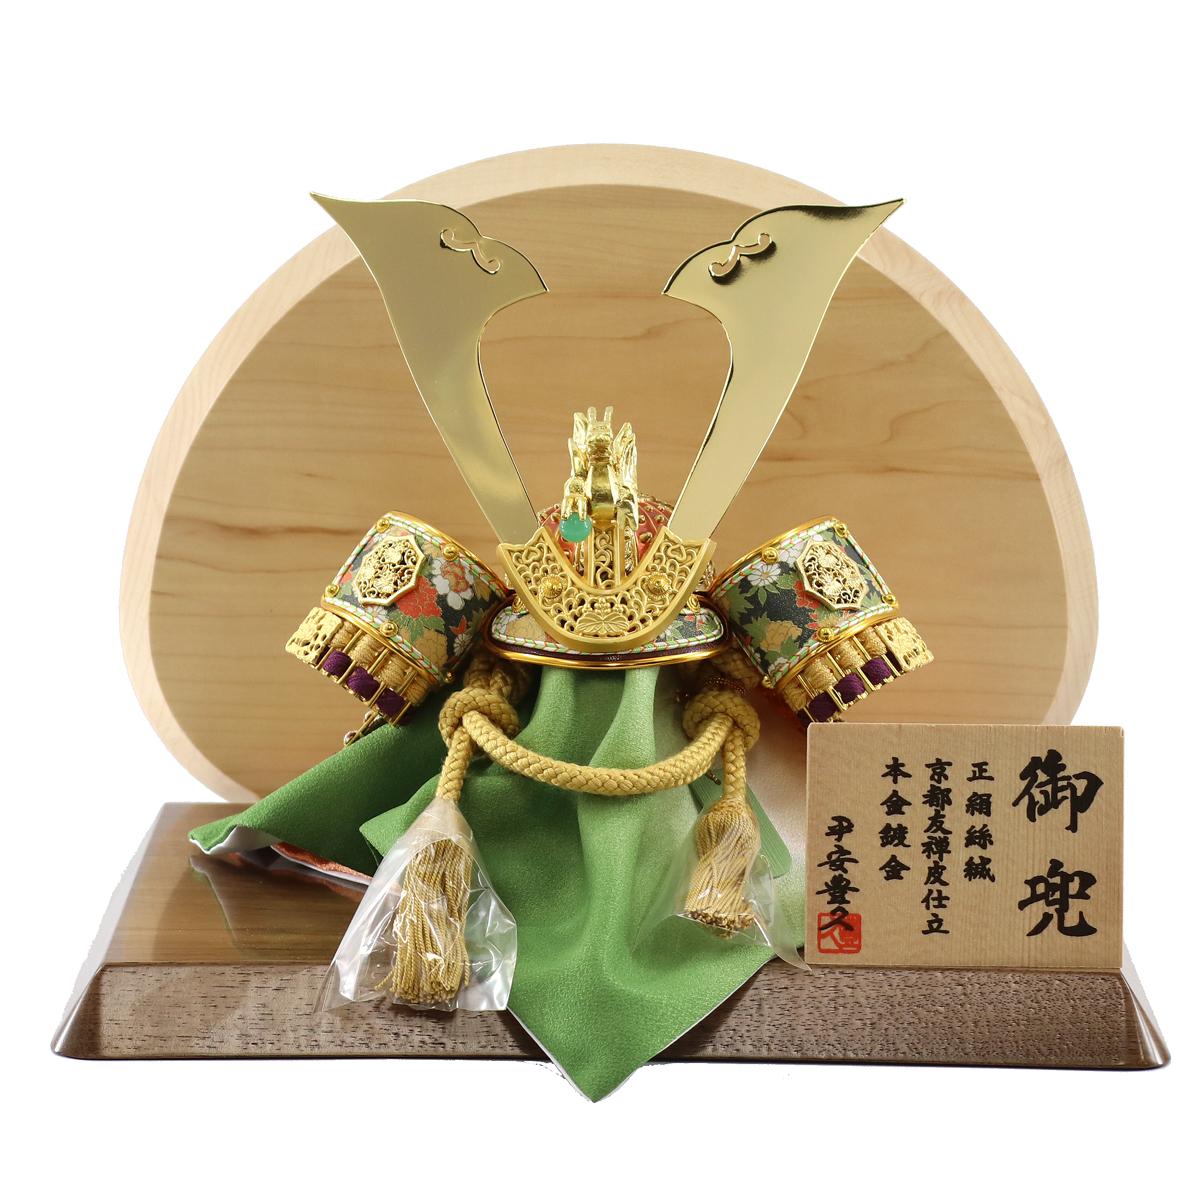 五月人形 平安豊久 兜飾り 翠 9号 兜 高級木材使用 飾り台・衝立セット ≪GOH-GD-140-WN-L≫コンパクト おしゃれ 兜飾り 兜 五月人形